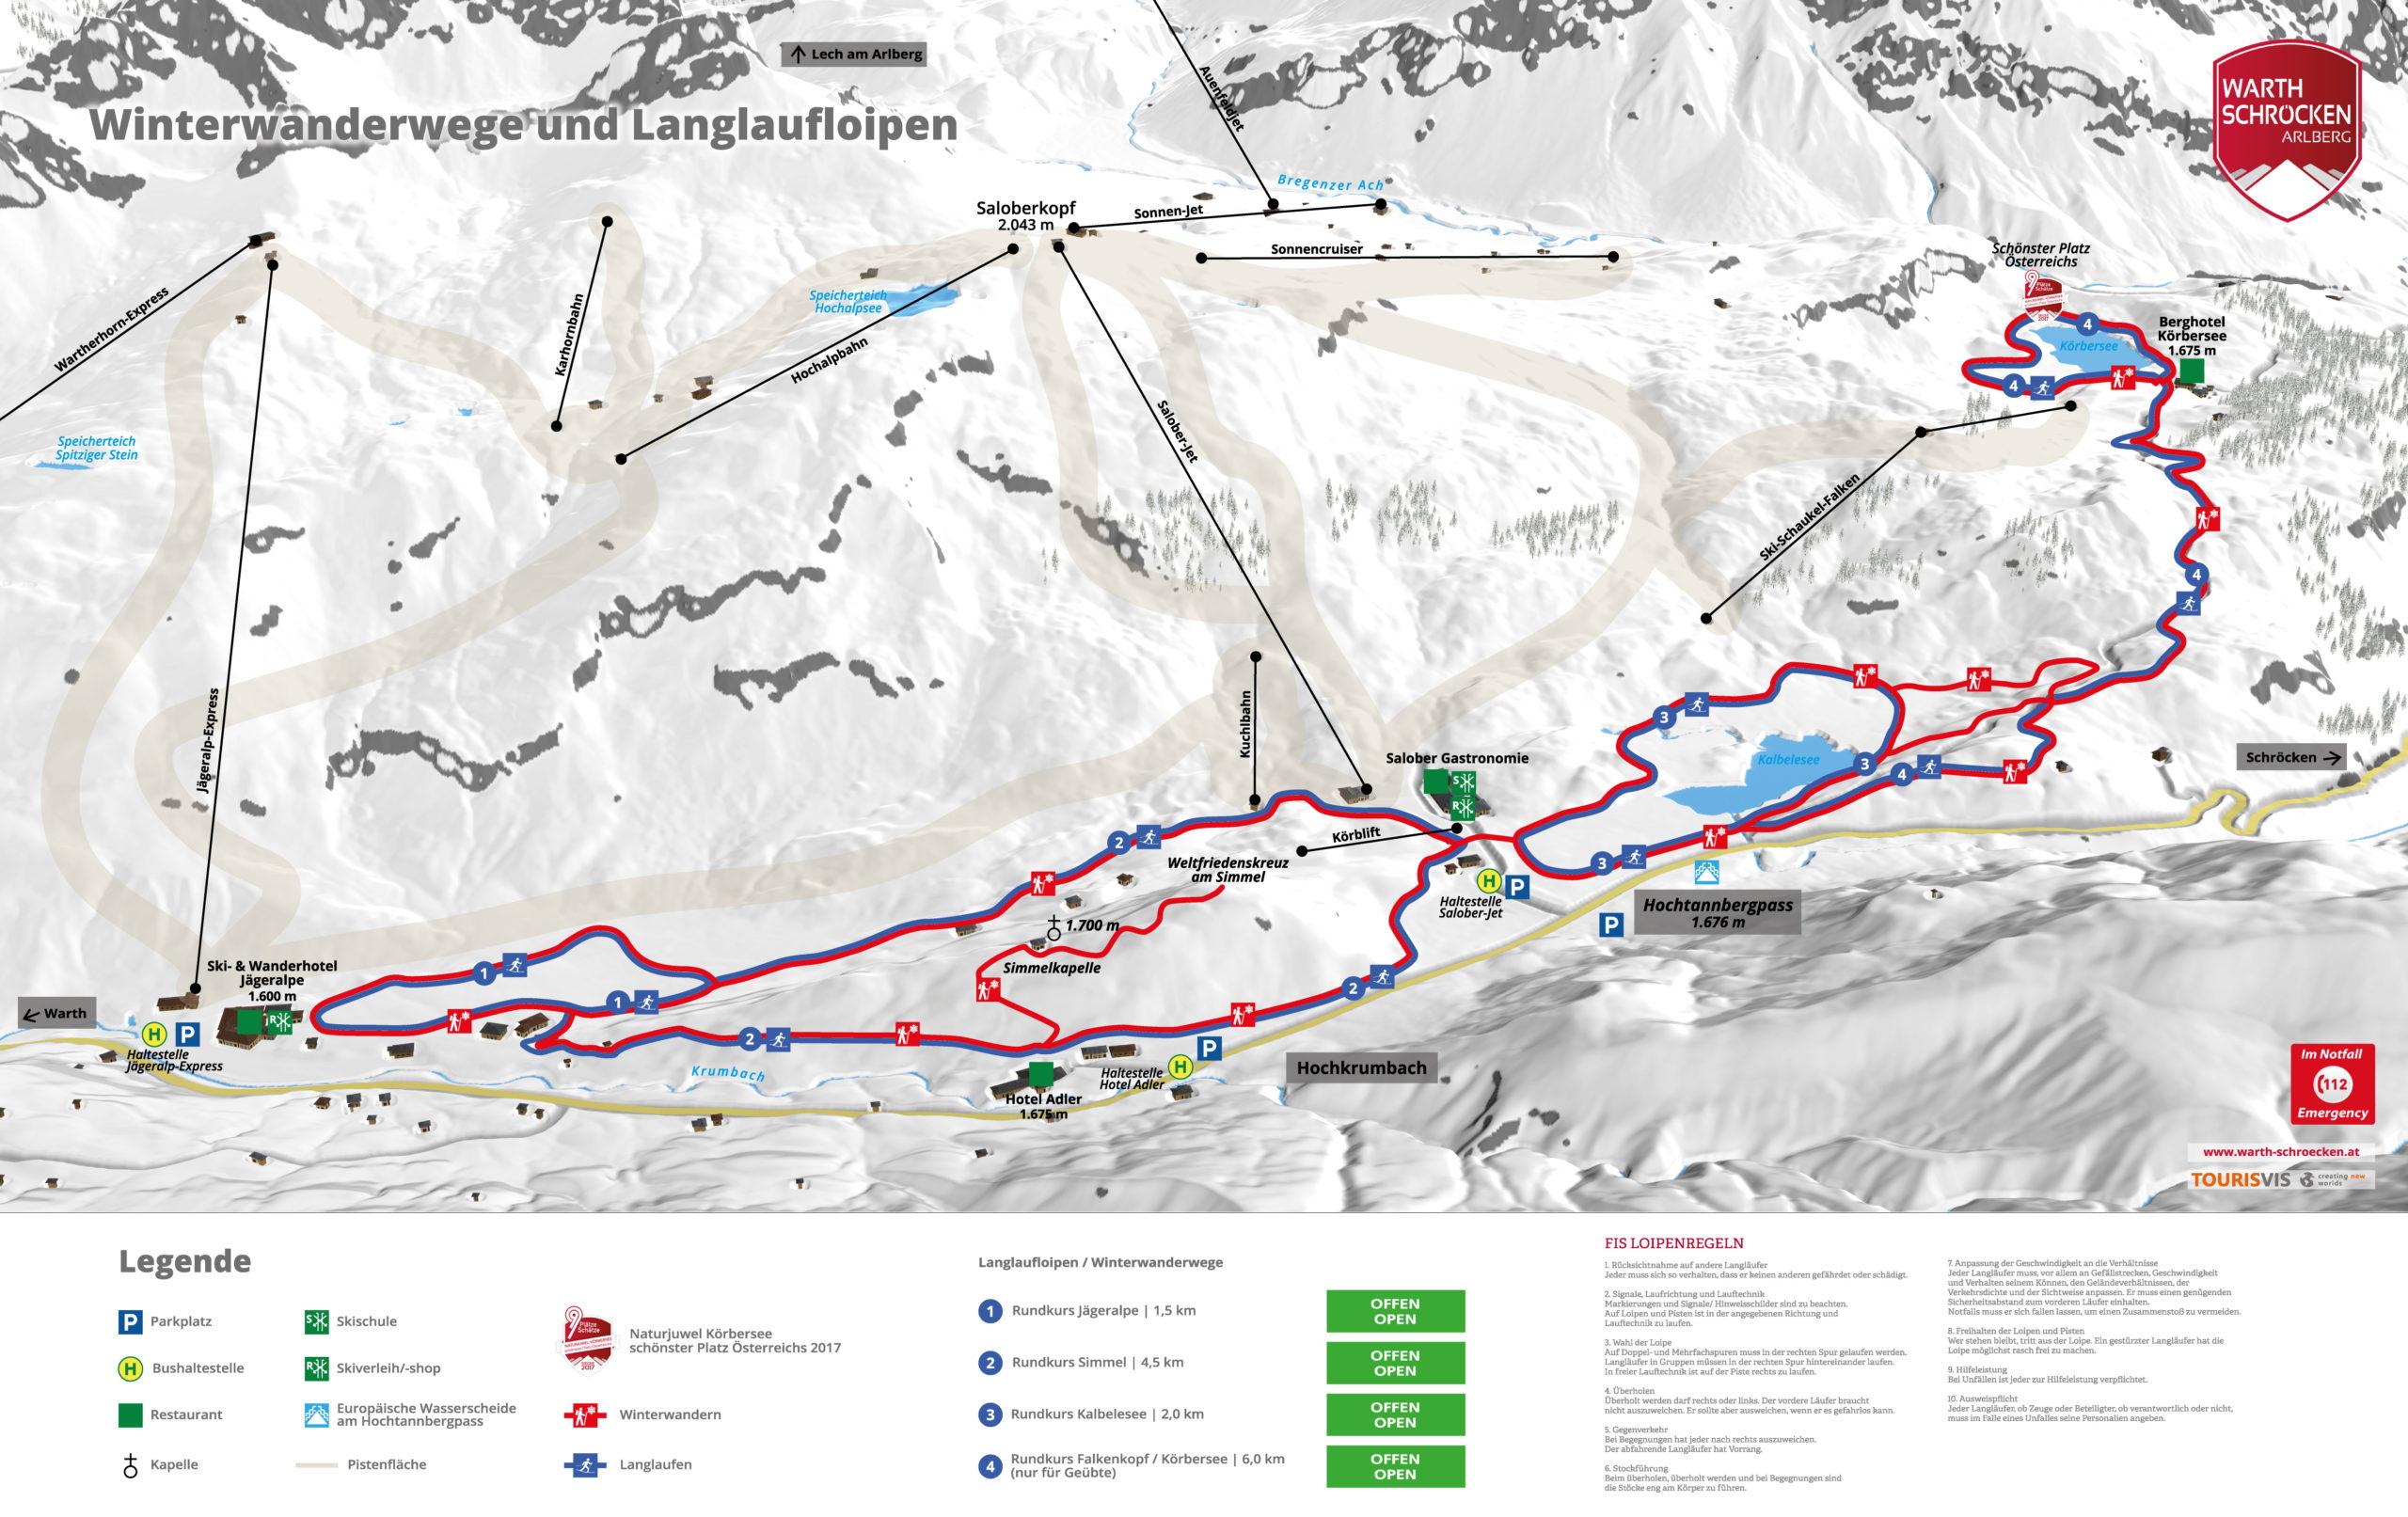 3D Panoramakarte - Langlaufen und Winterwandern - Hochkrumbach Warth-Schöcken